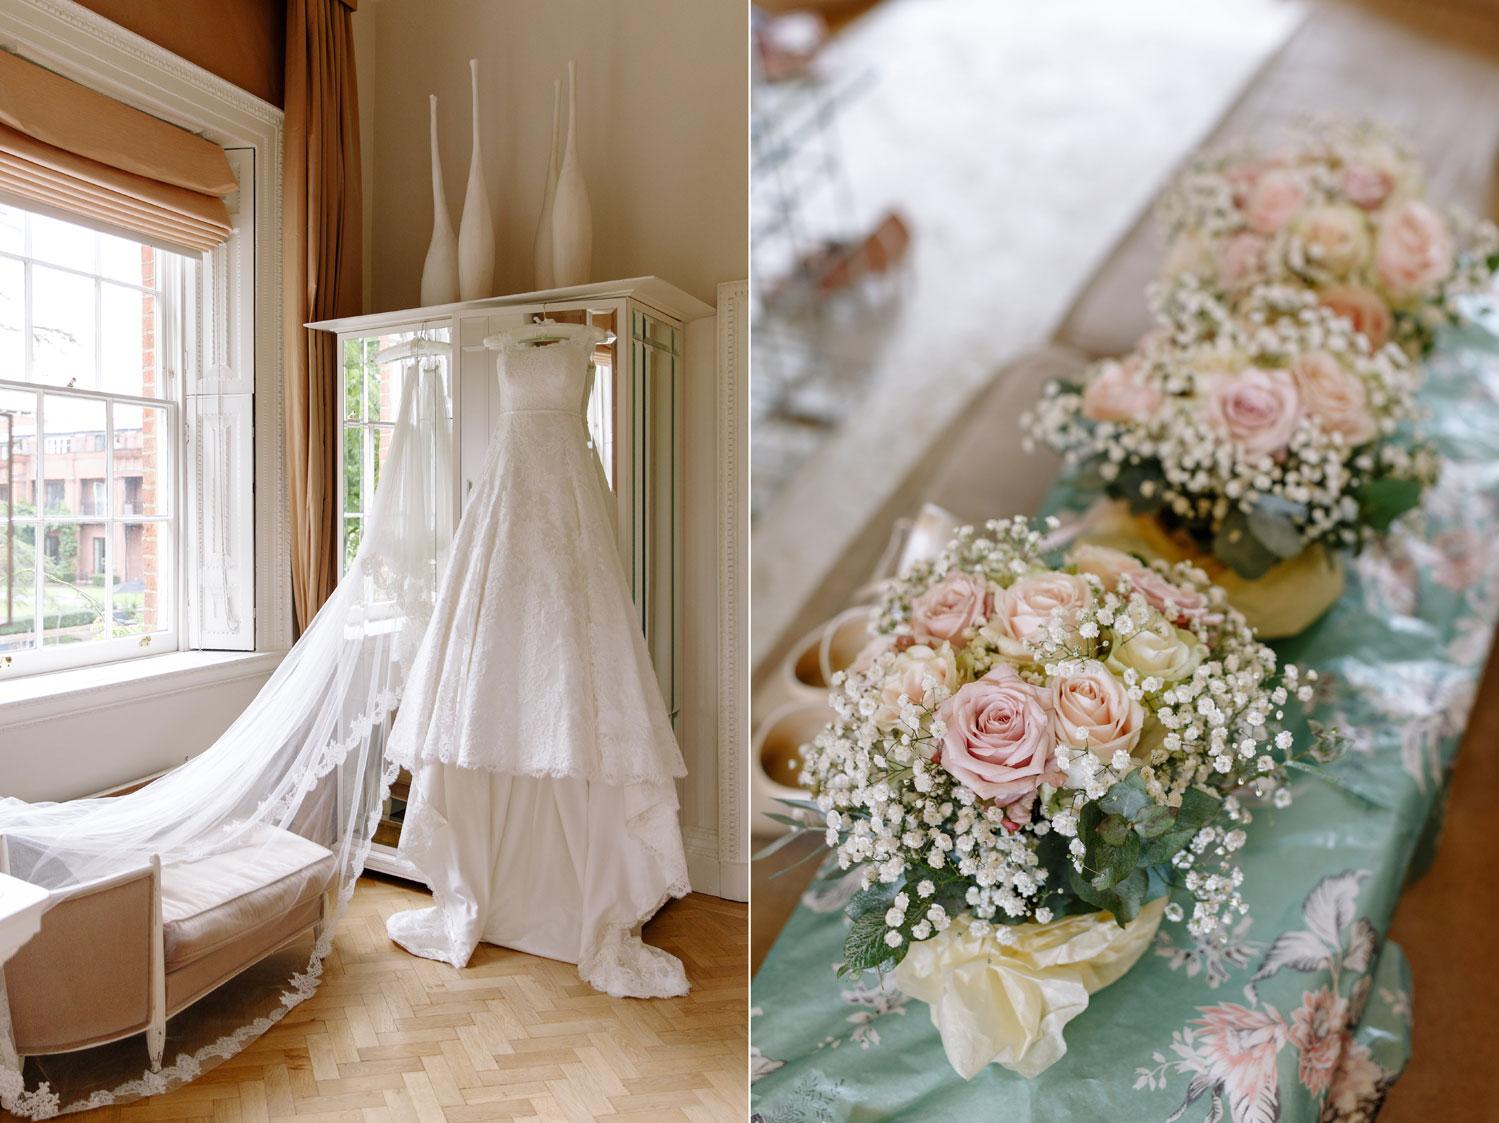 A bride's dress hangs in the window